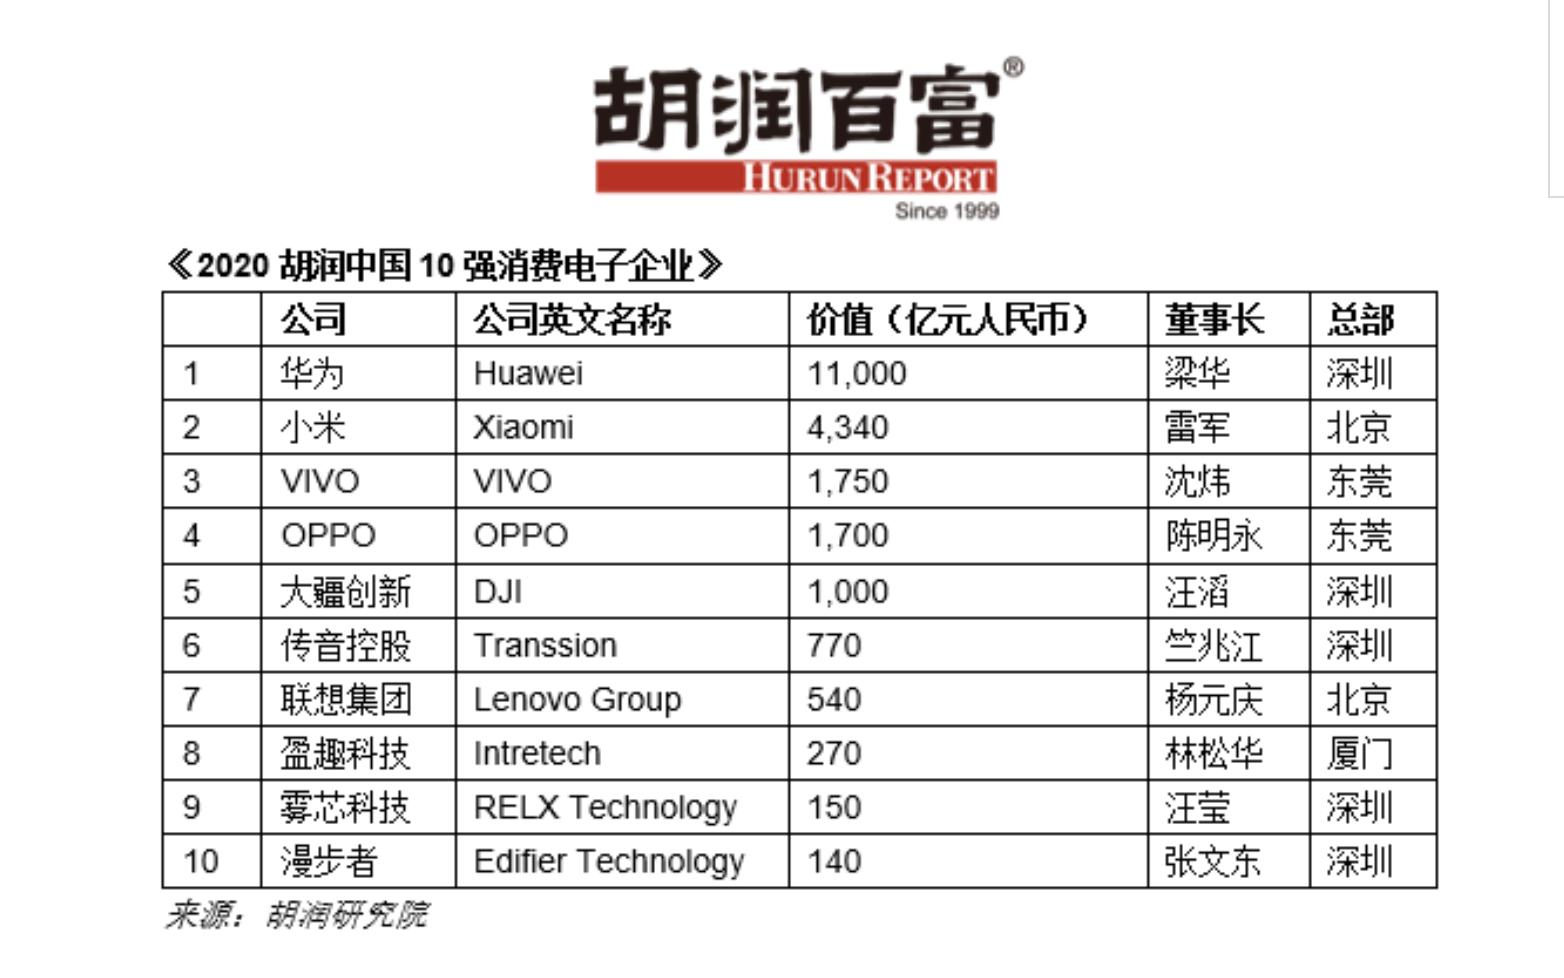 胡润报告发布2020中国十大消费电子企业:华为最有价值的VIVO超级OPPO